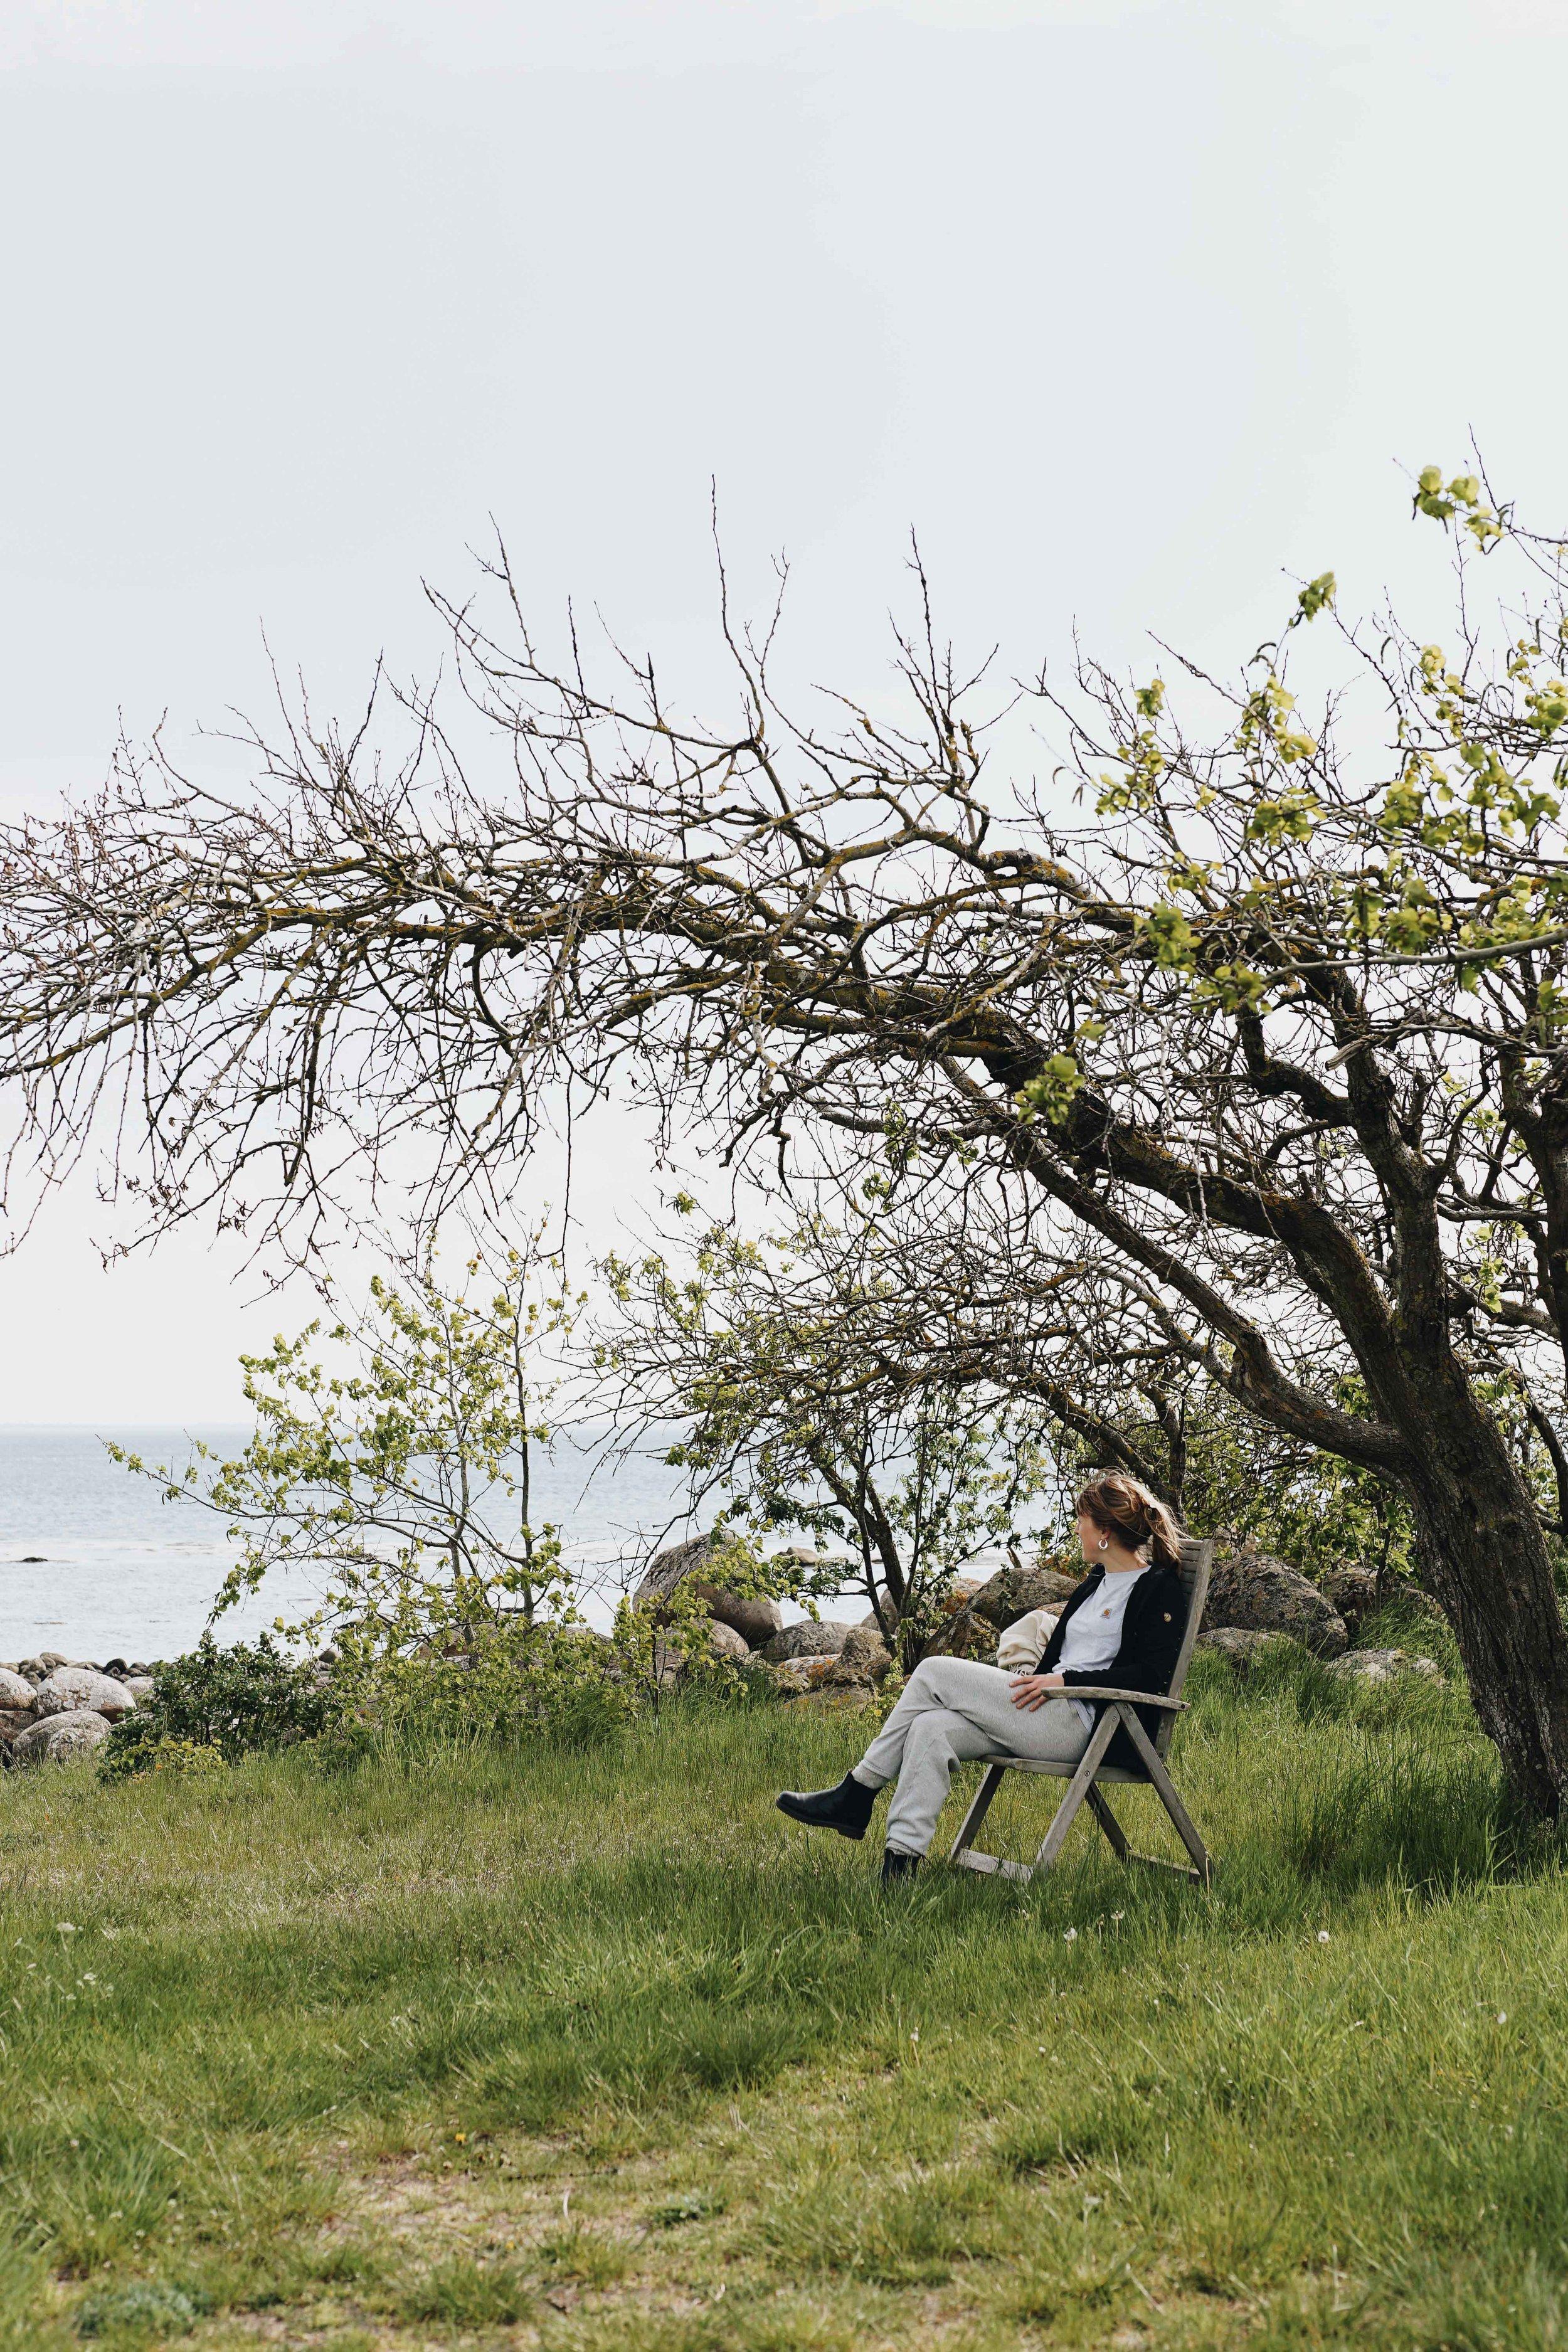 ASROSENVINGE_VisitSkane_Sweden_Vejbystrand_Countryside_LowRes-179.jpg